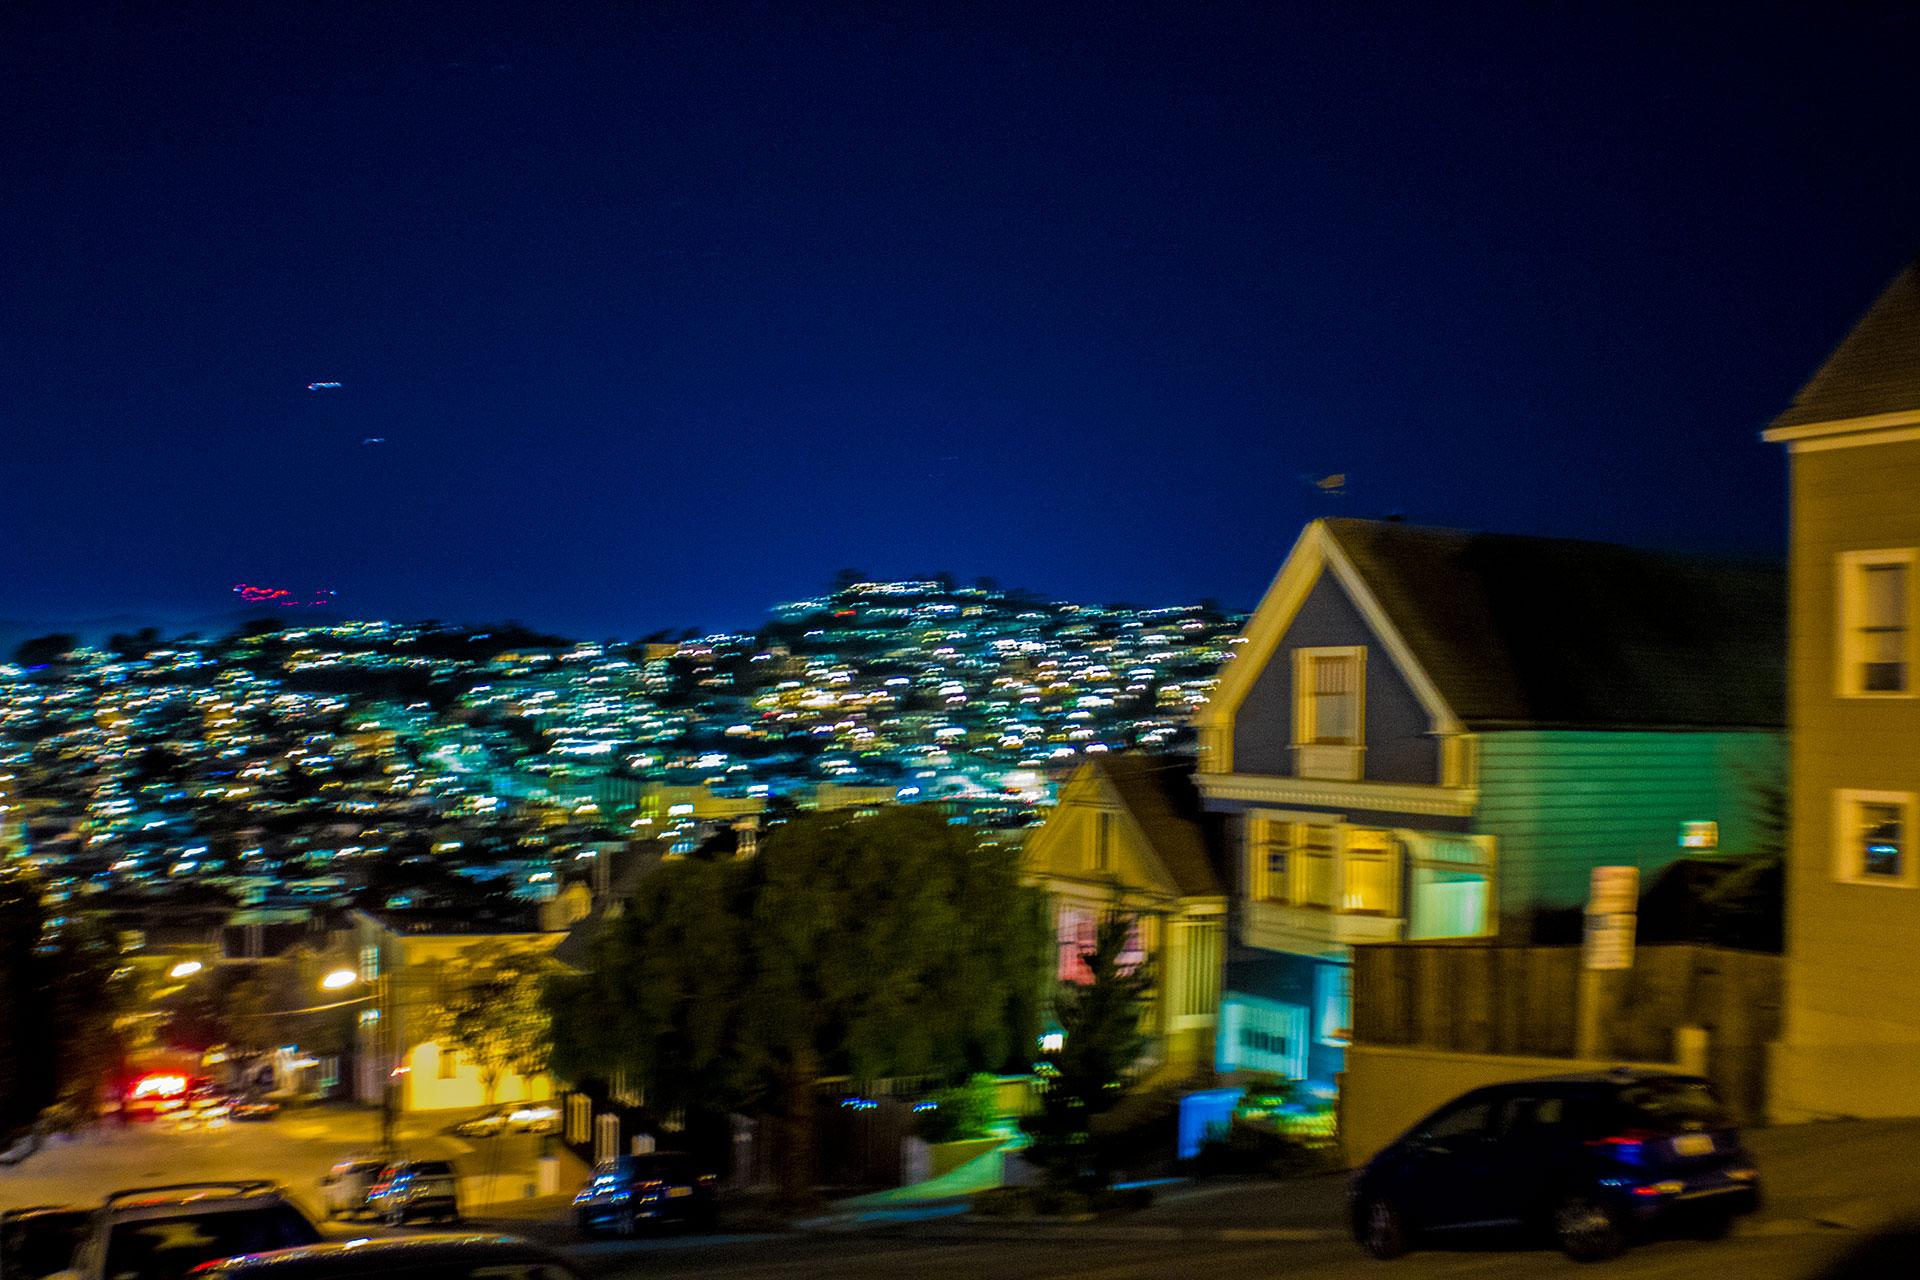 dark neighborhood